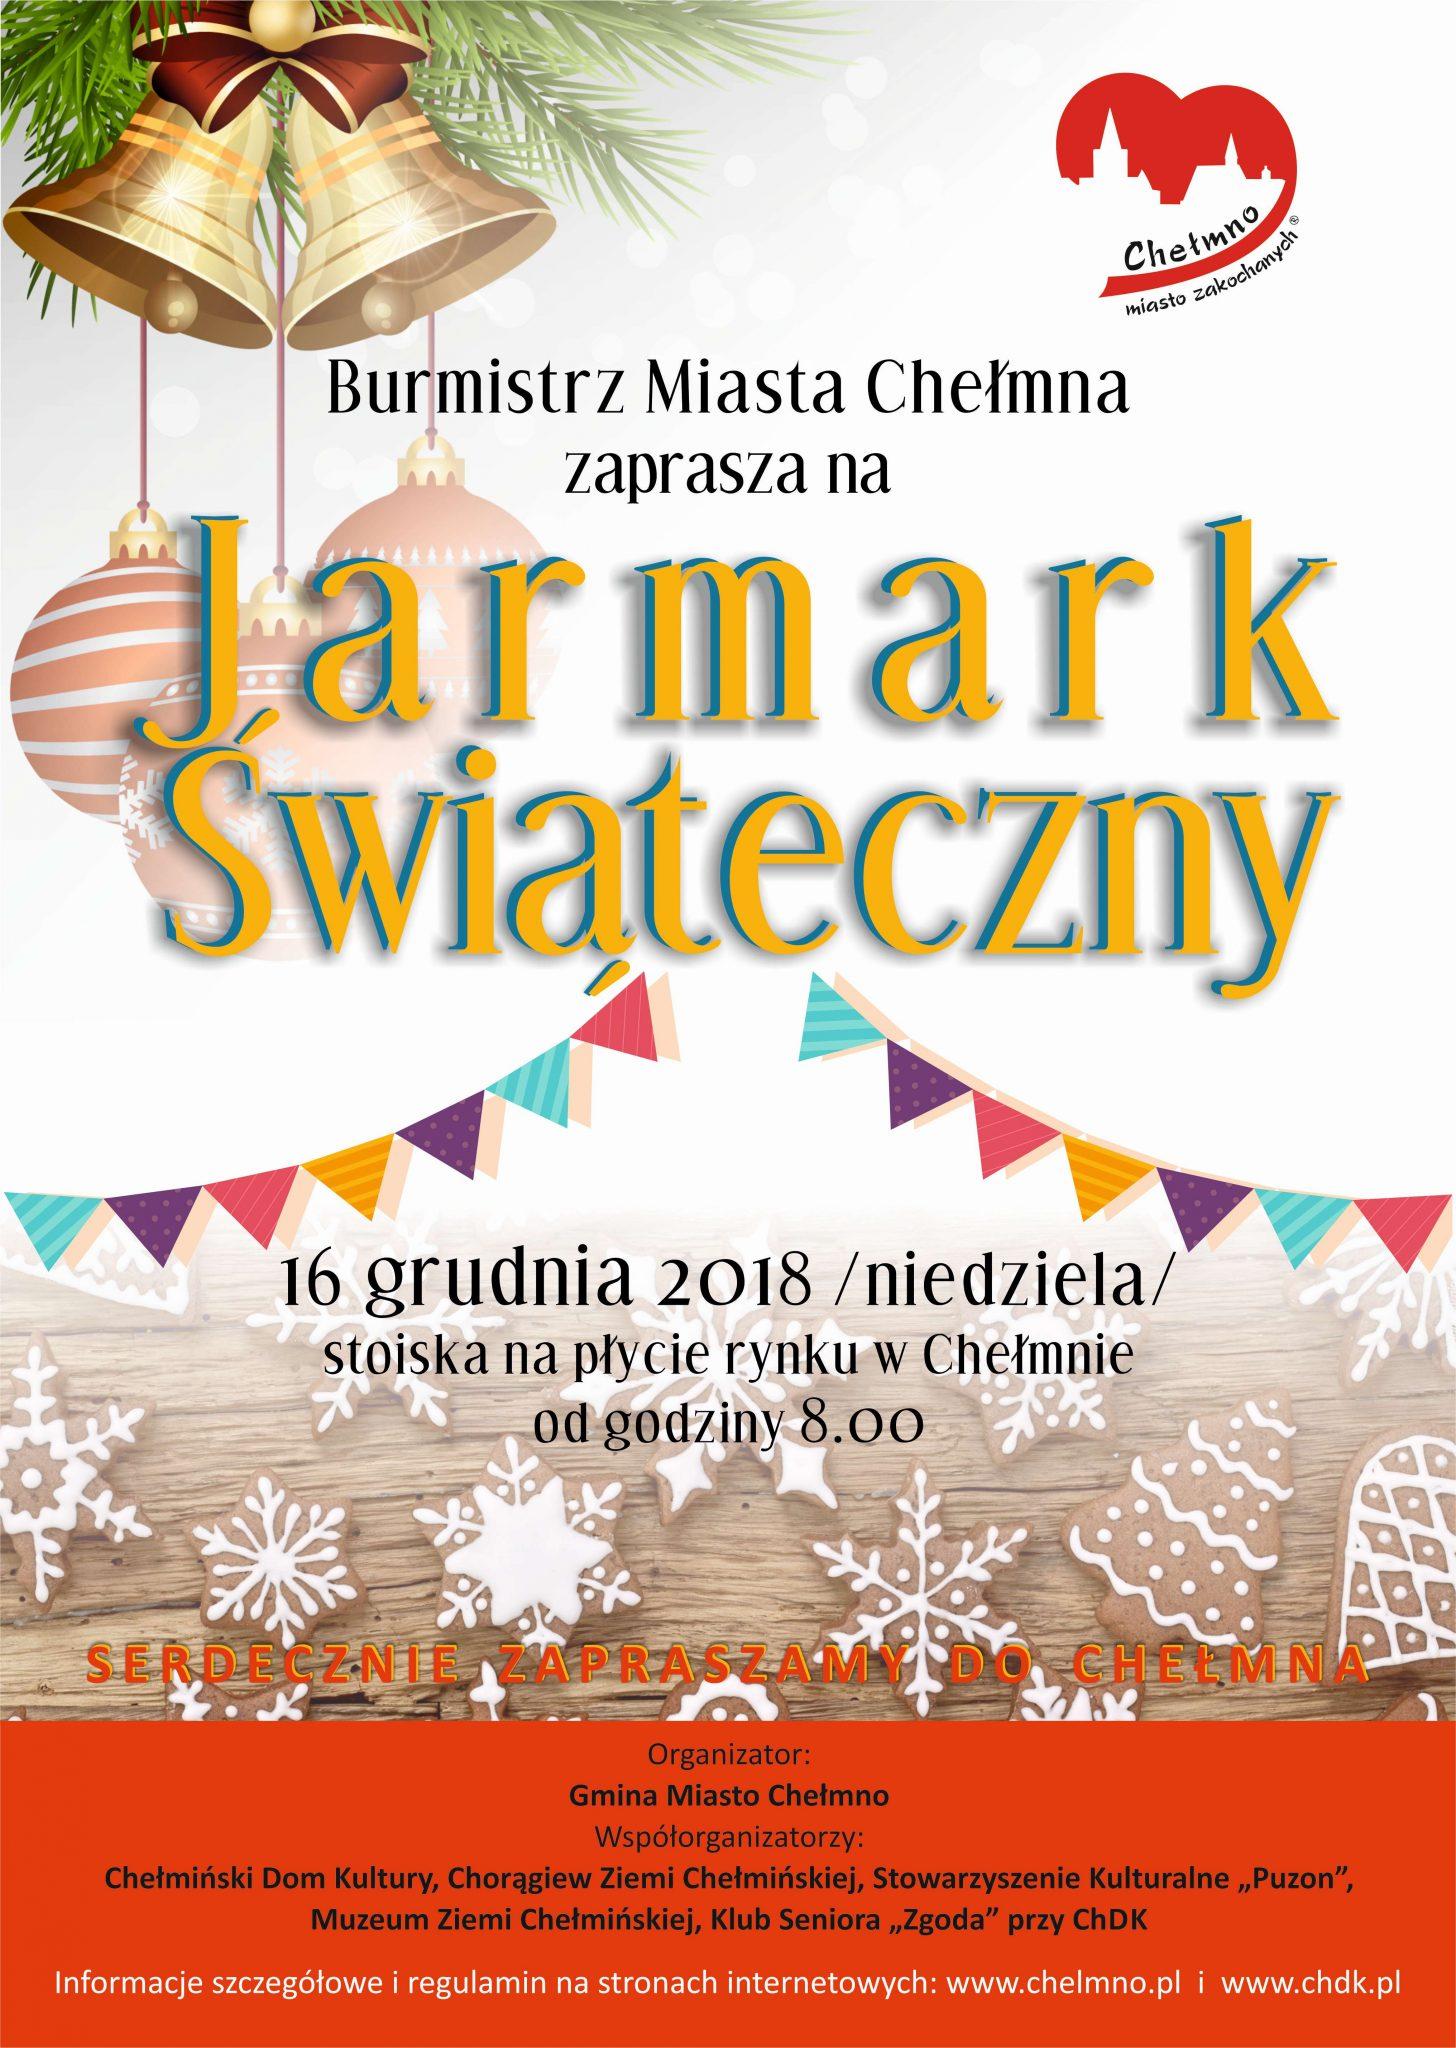 Burmistrz Miasta Chełmna zaprasza na Jarmark Świąteczny, który odbędzie się 16 grudnia 2018 roku (niedziela) w godzinach od 8.00 do 15.00 na rynku w Chełmnie.